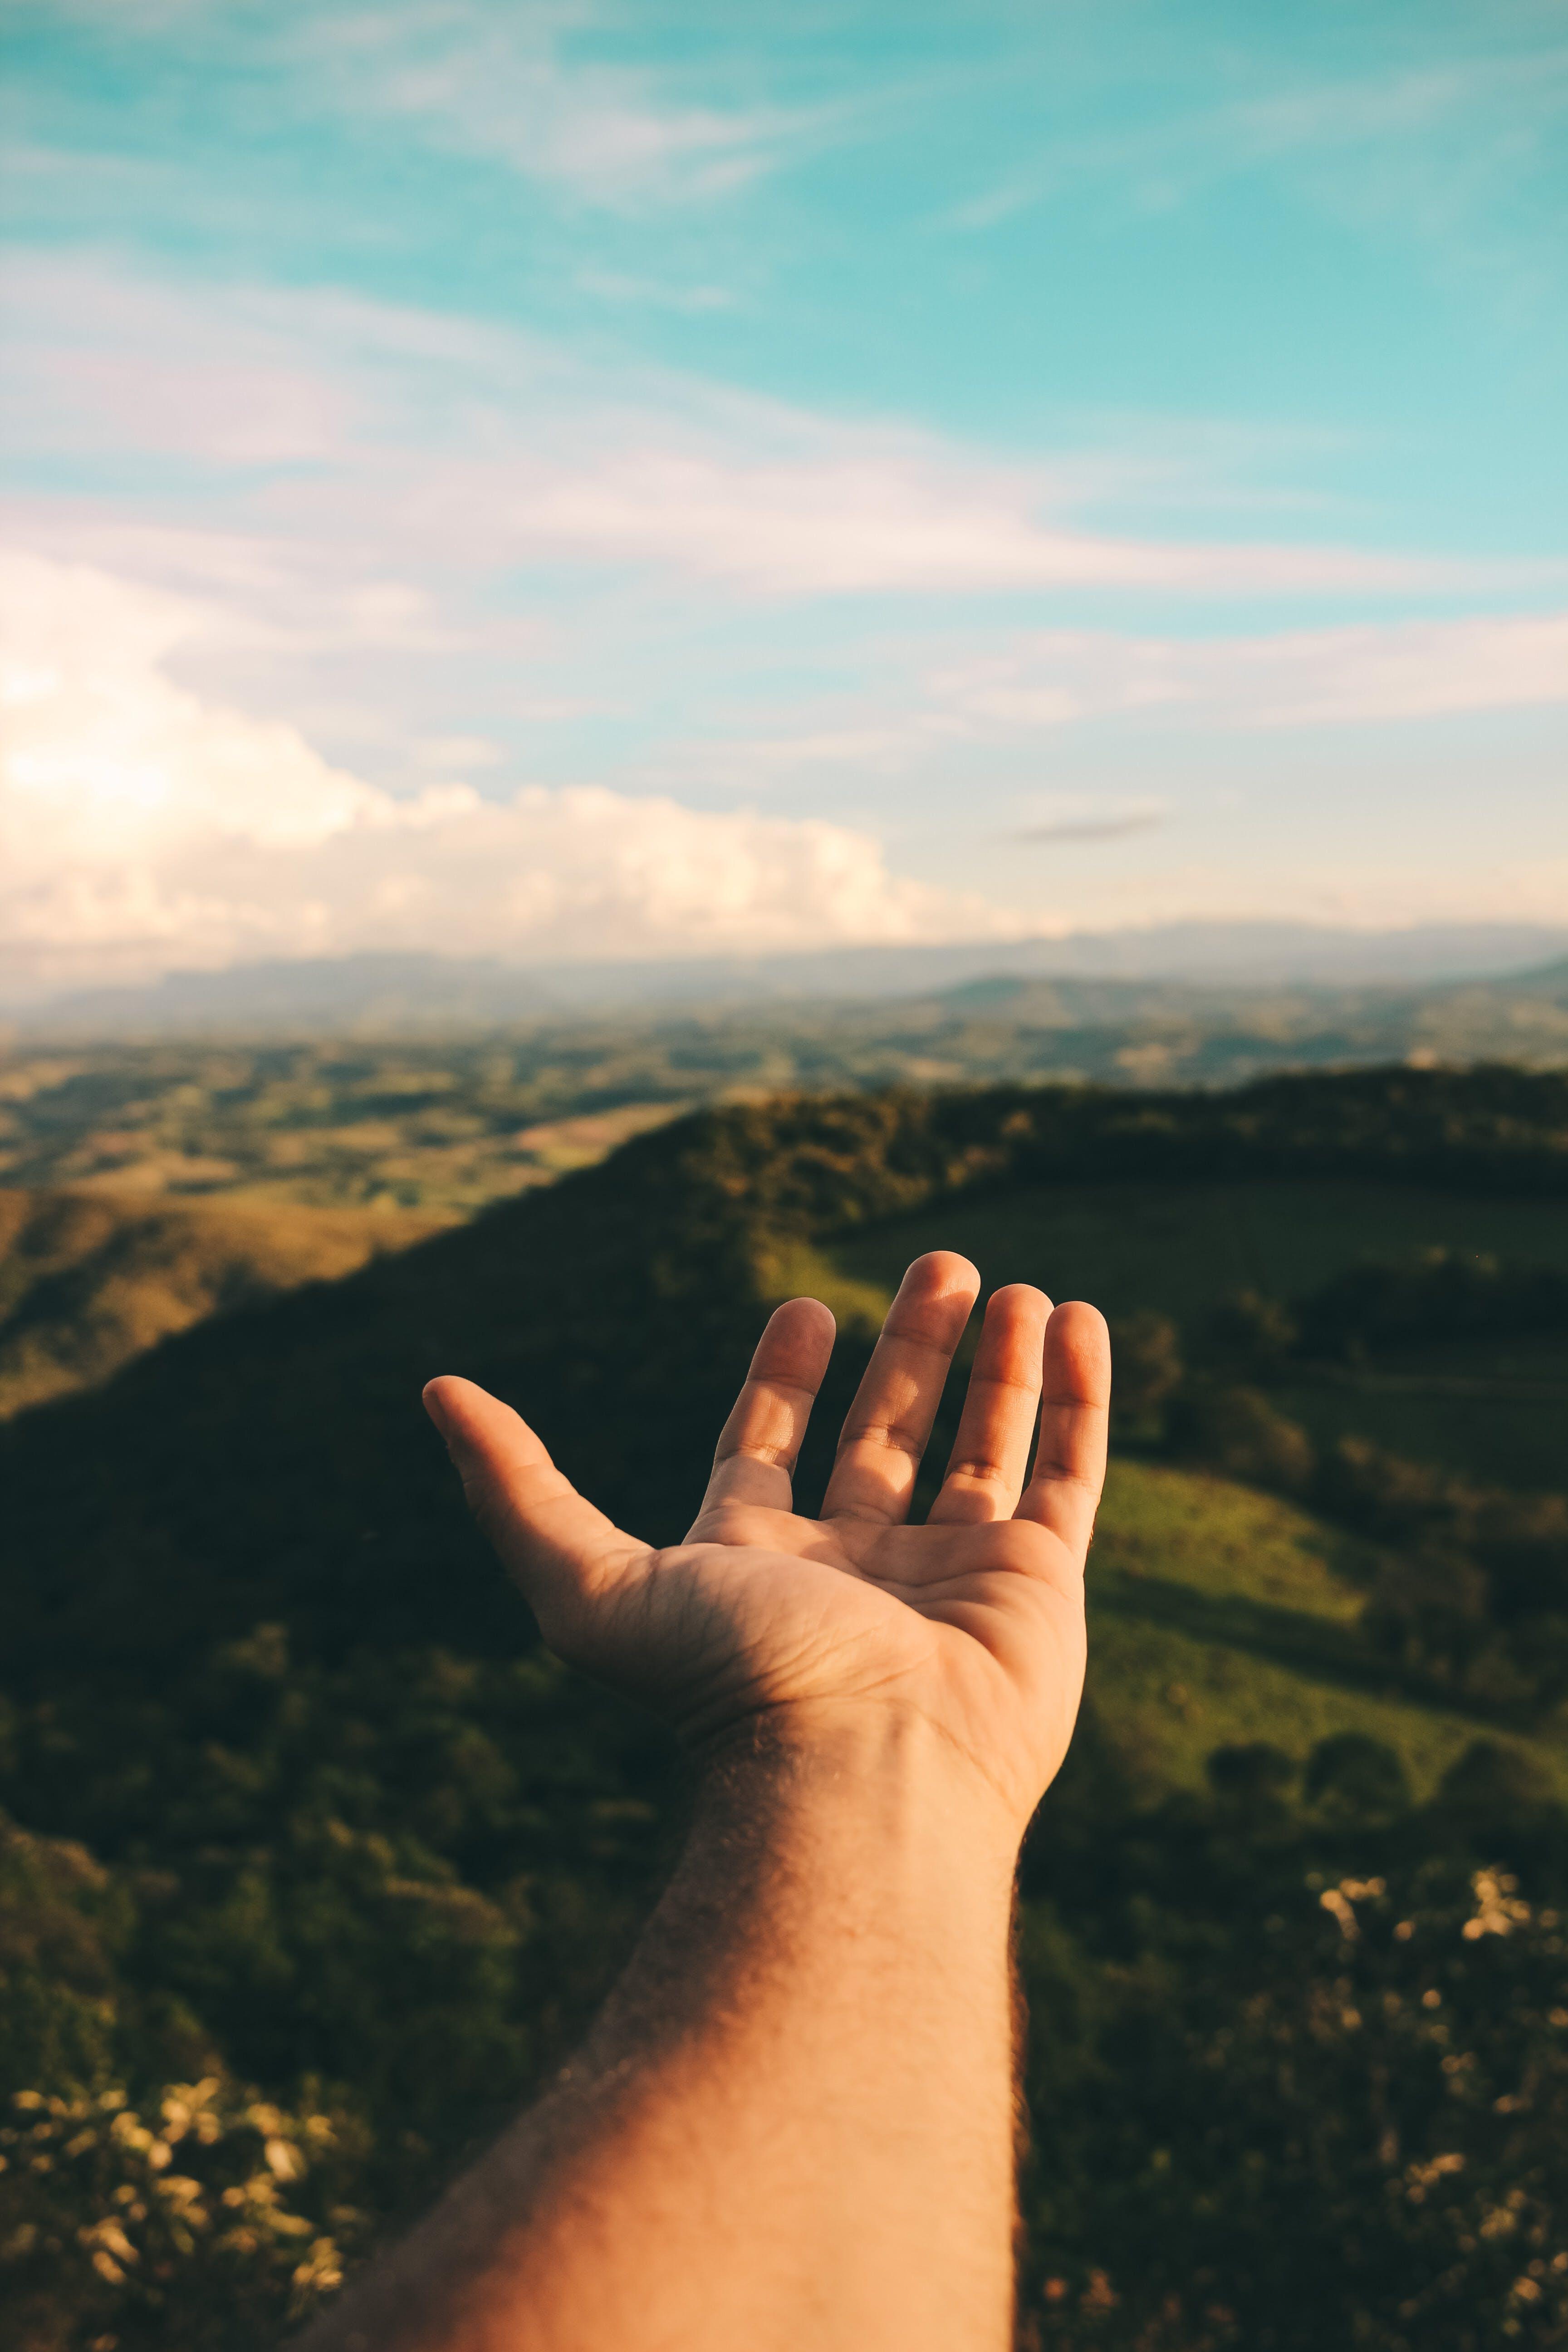 Foto d'estoc gratuïta de arbres, cel, llum del dia, mà